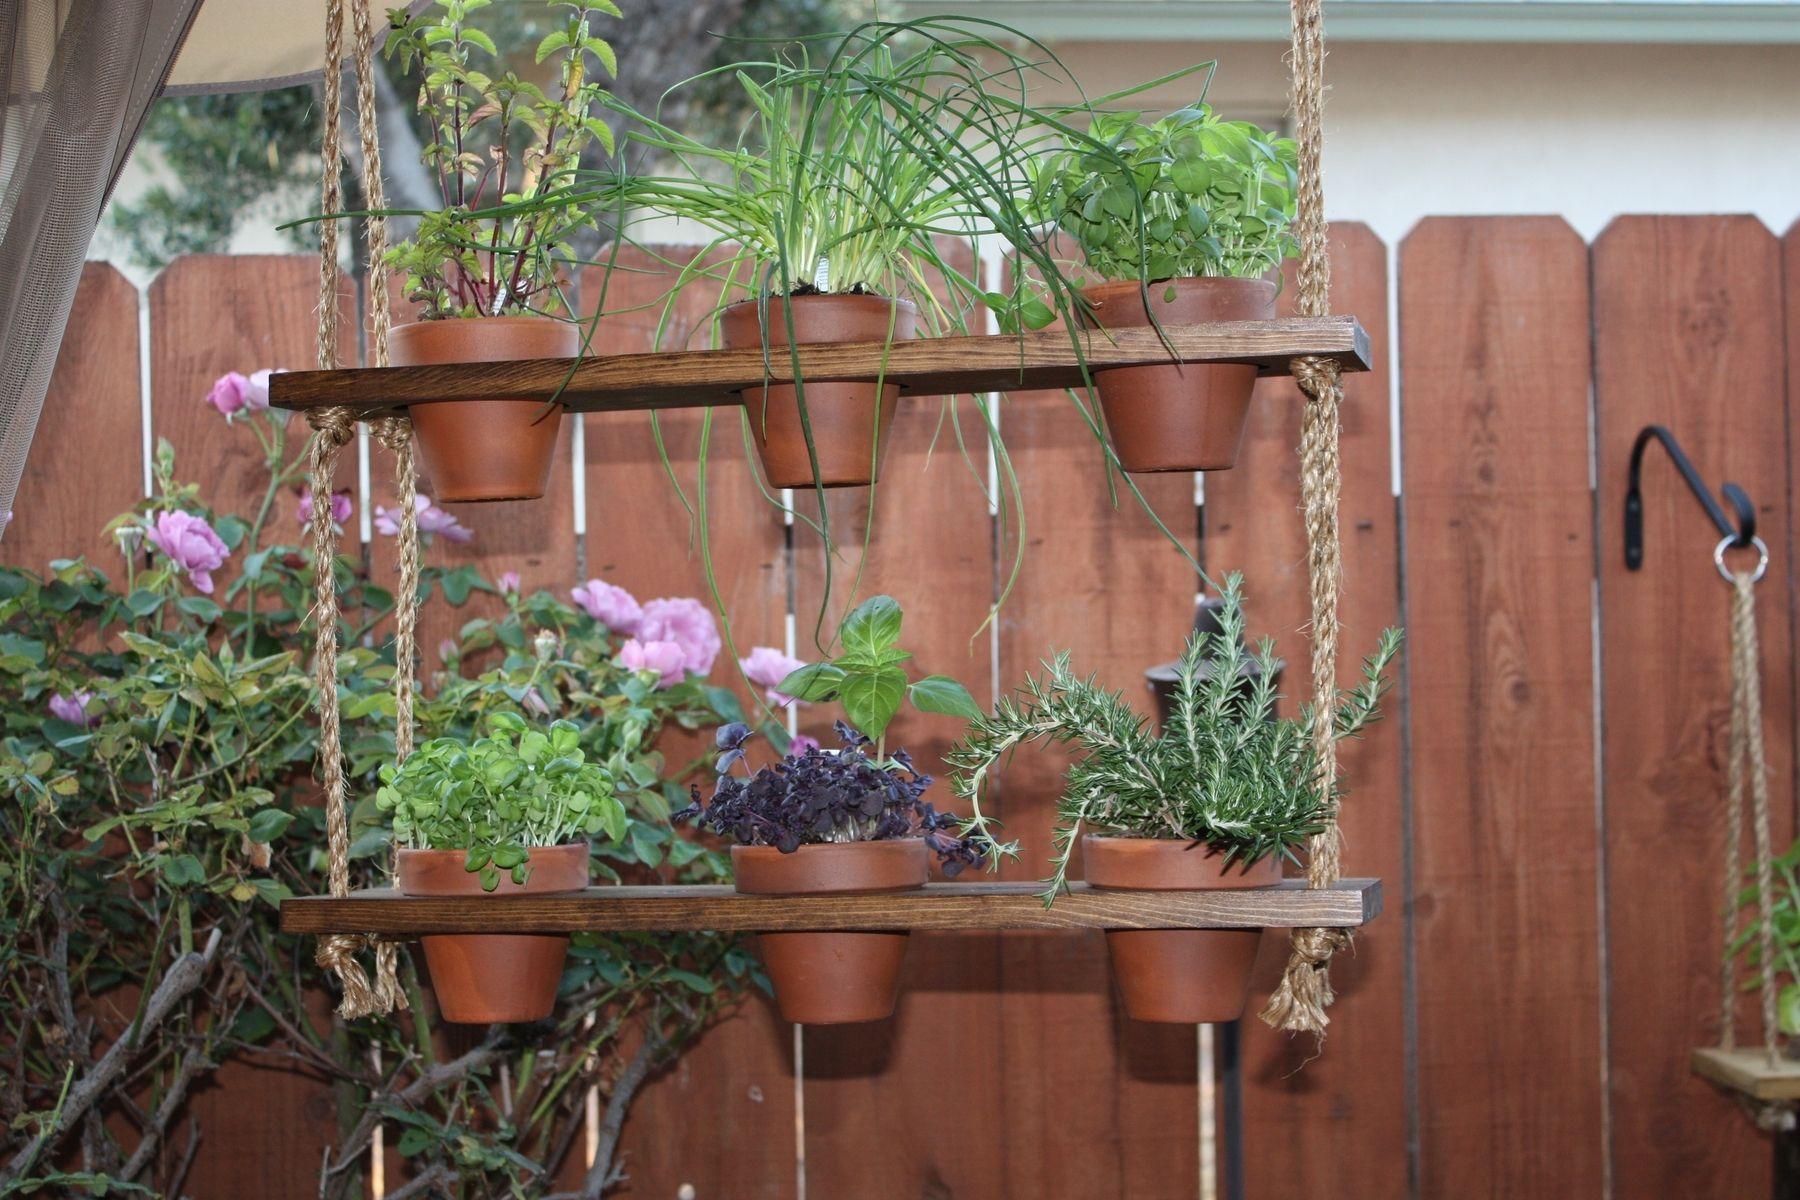 Fullsize Of Hanging Herb Garden